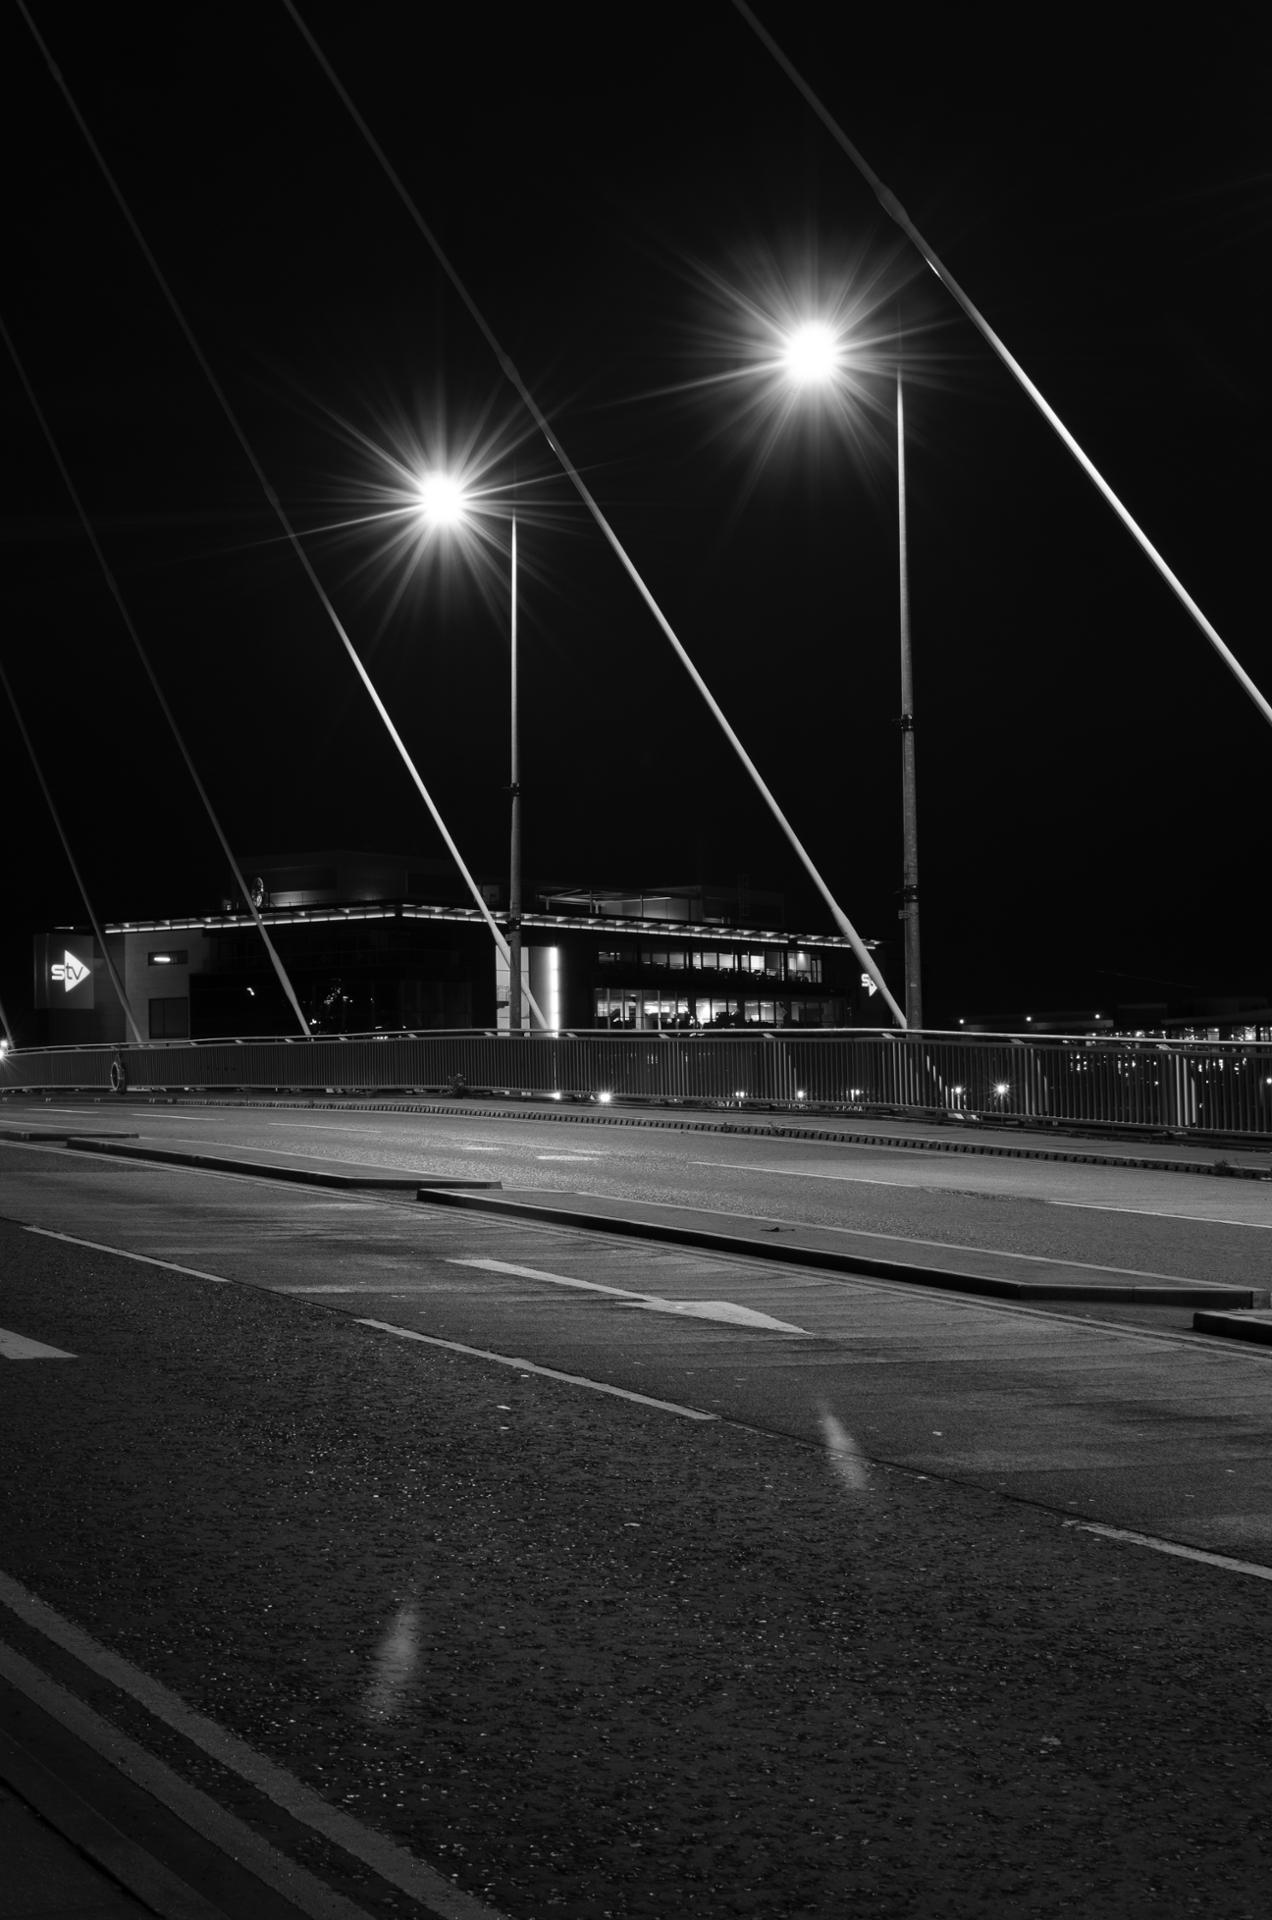 Glasgow by night